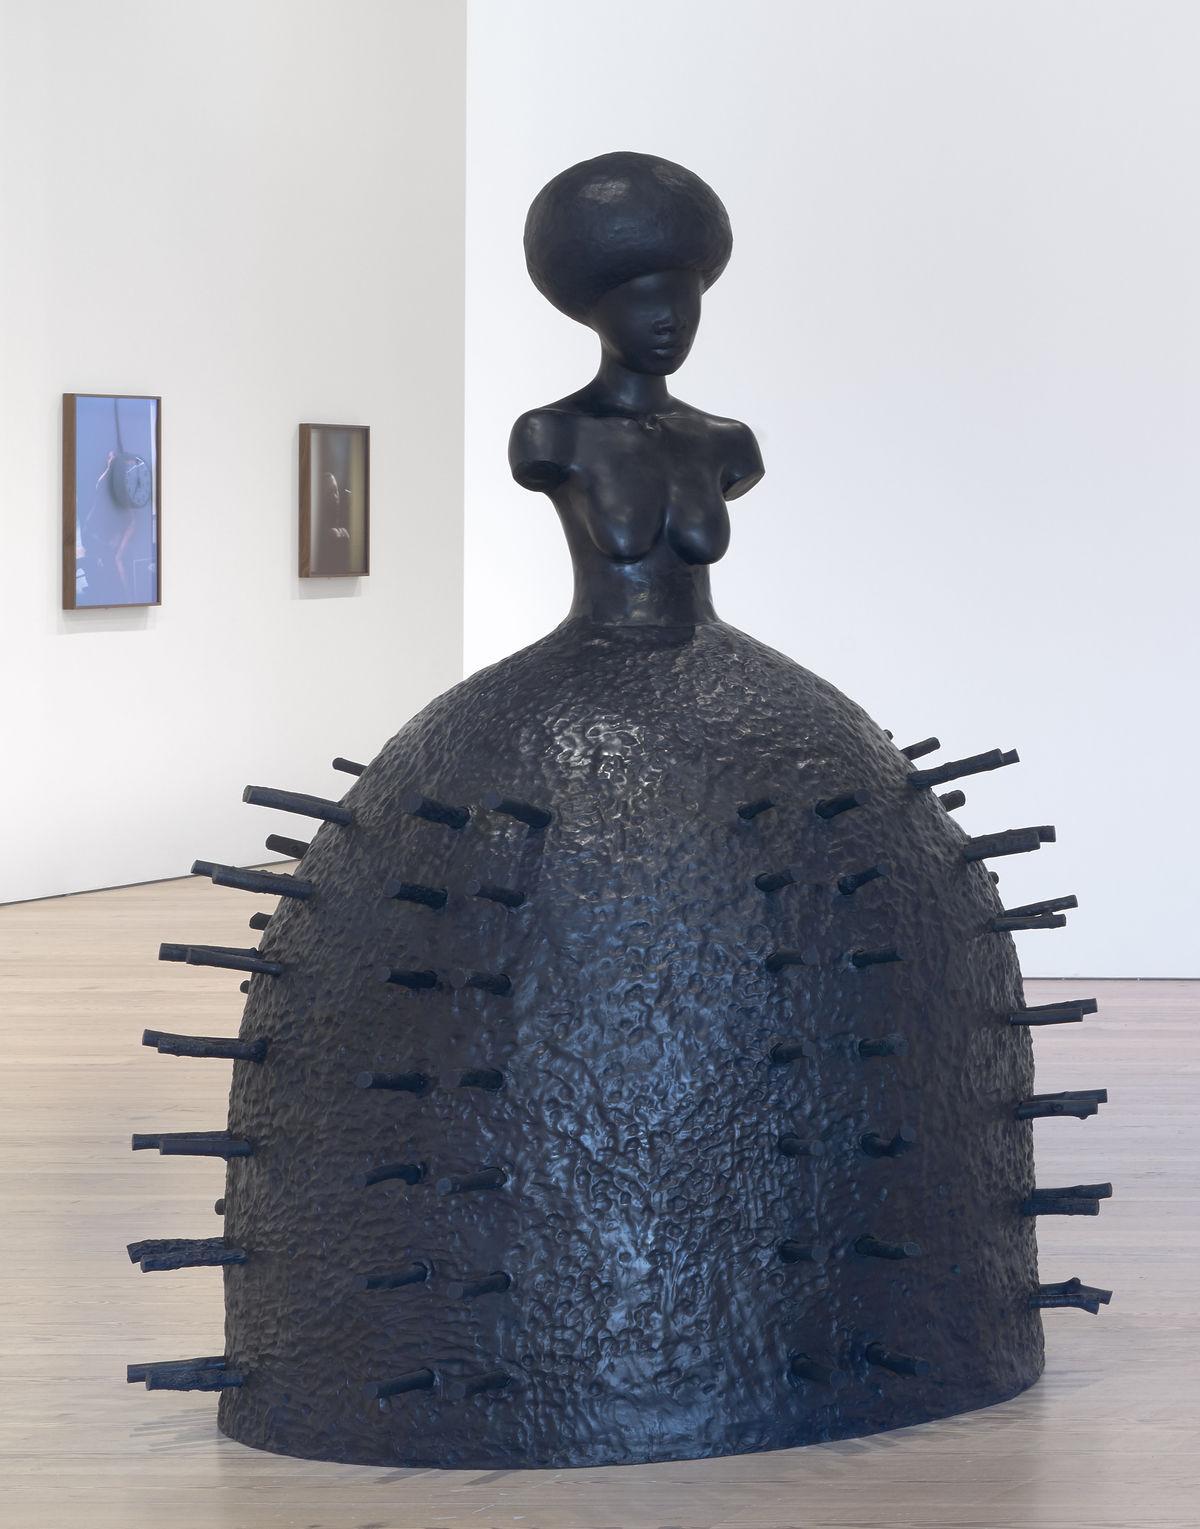 Simone Leigh, Stick , 2019